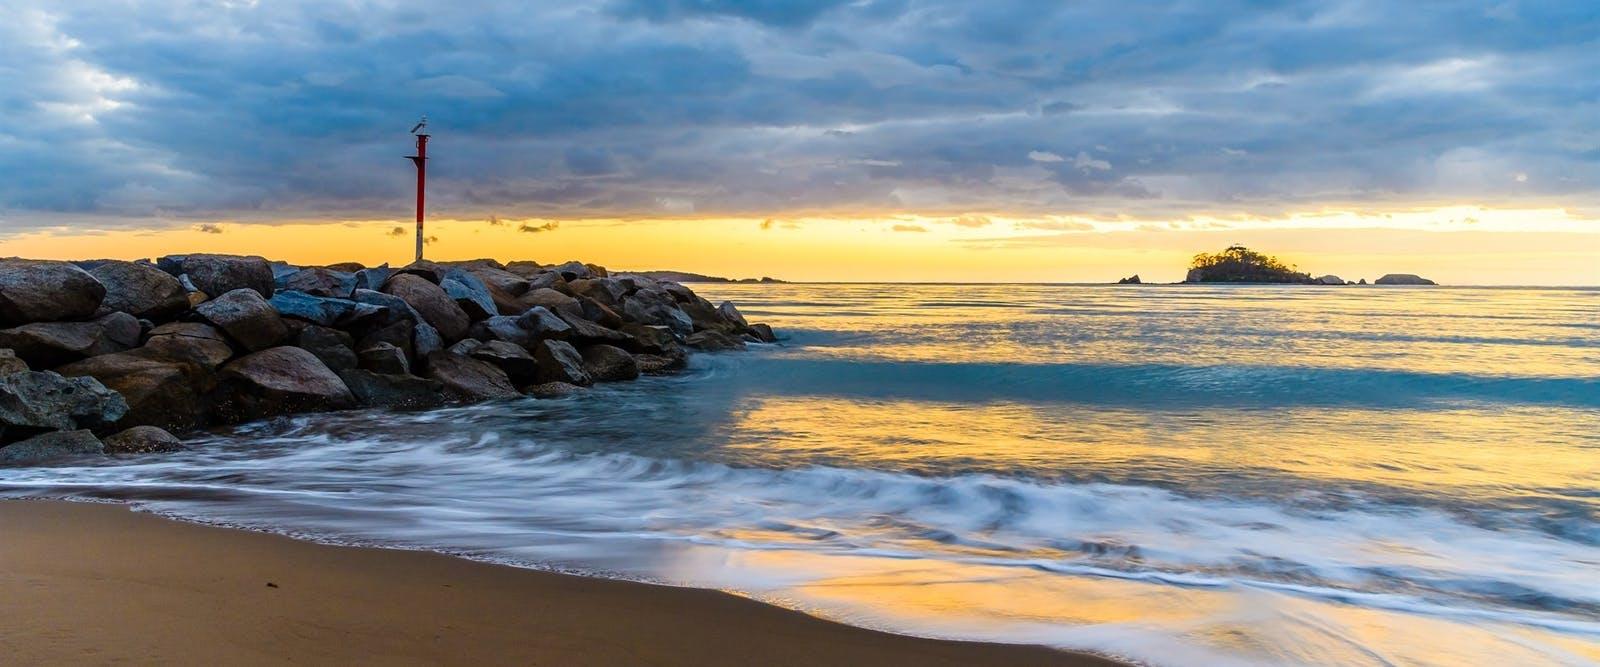 Batemans Bay To Phillip Island